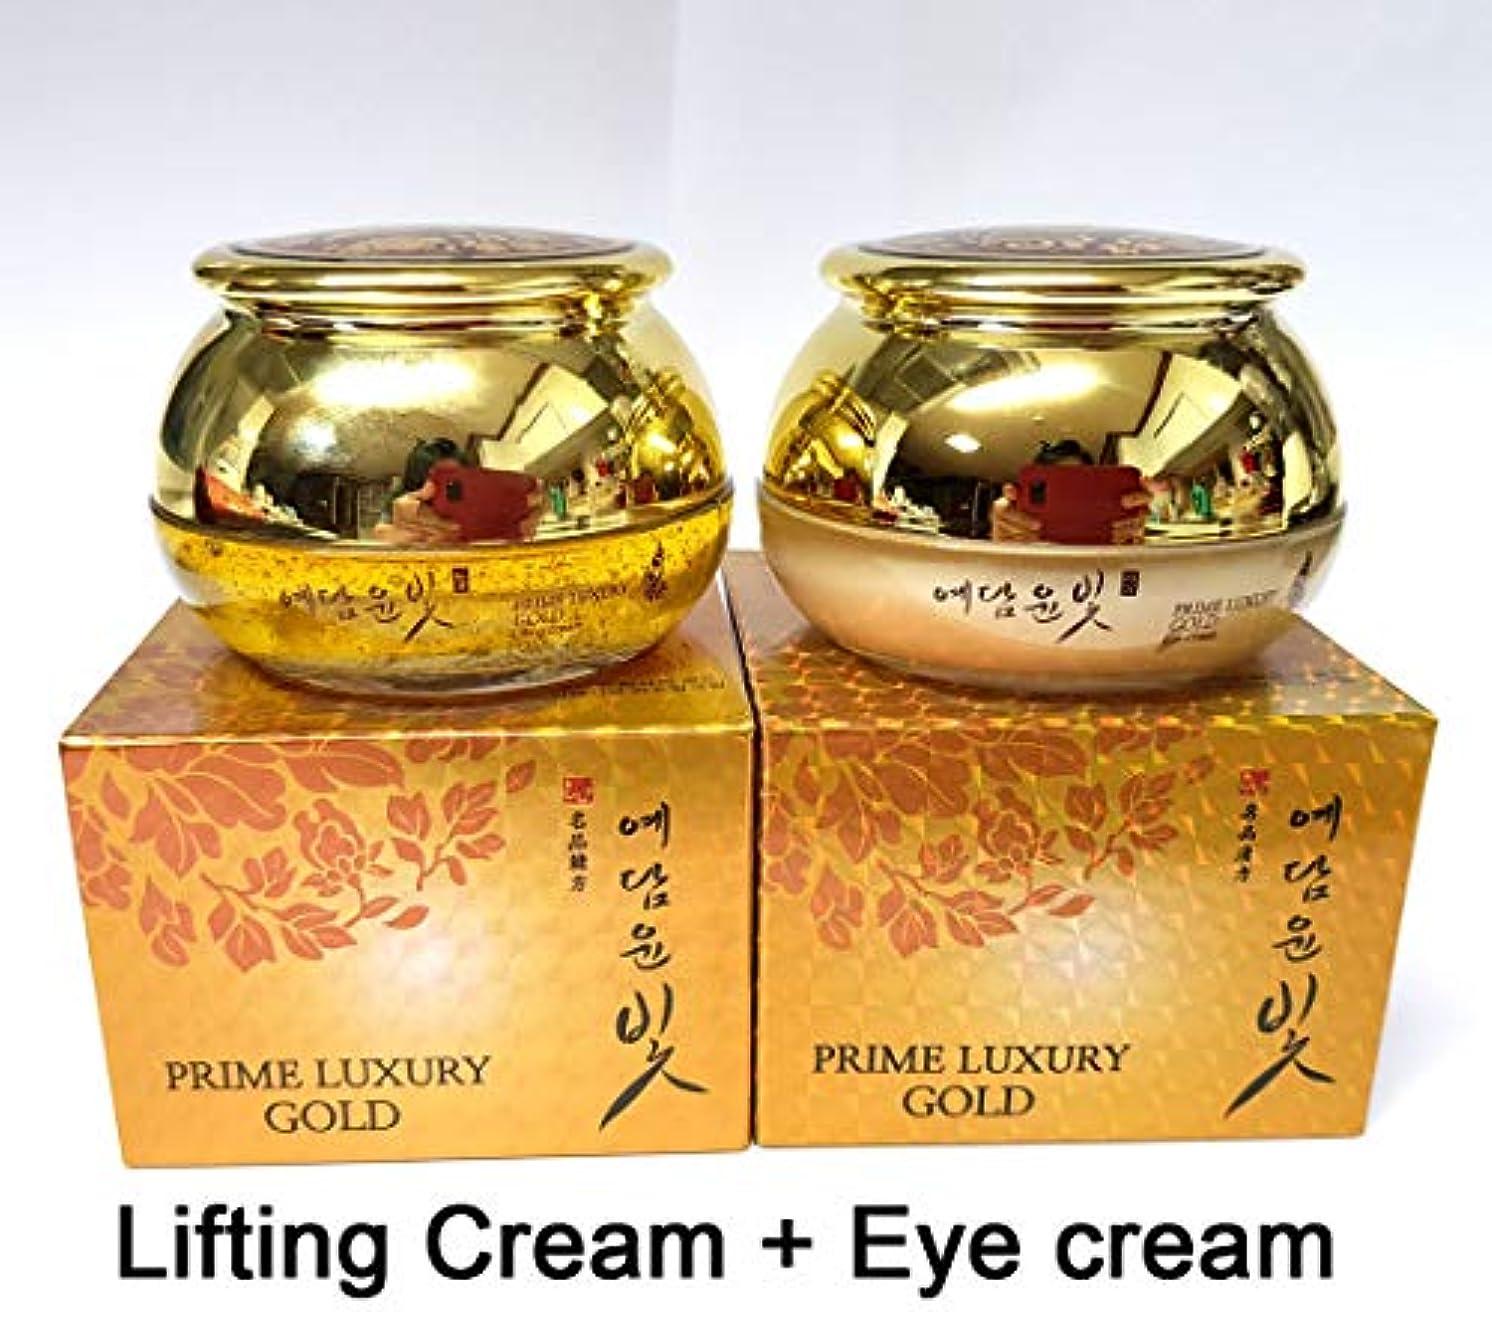 護衛特別な運営[YEDAM YUNBIT]プライムラグジュアリーゴールドリフティングクリーム50g + プライムラグジュアリーゴールドインテンシブアイクリーム50g/ Prime Luxury Gold Lifting Cream 50g...